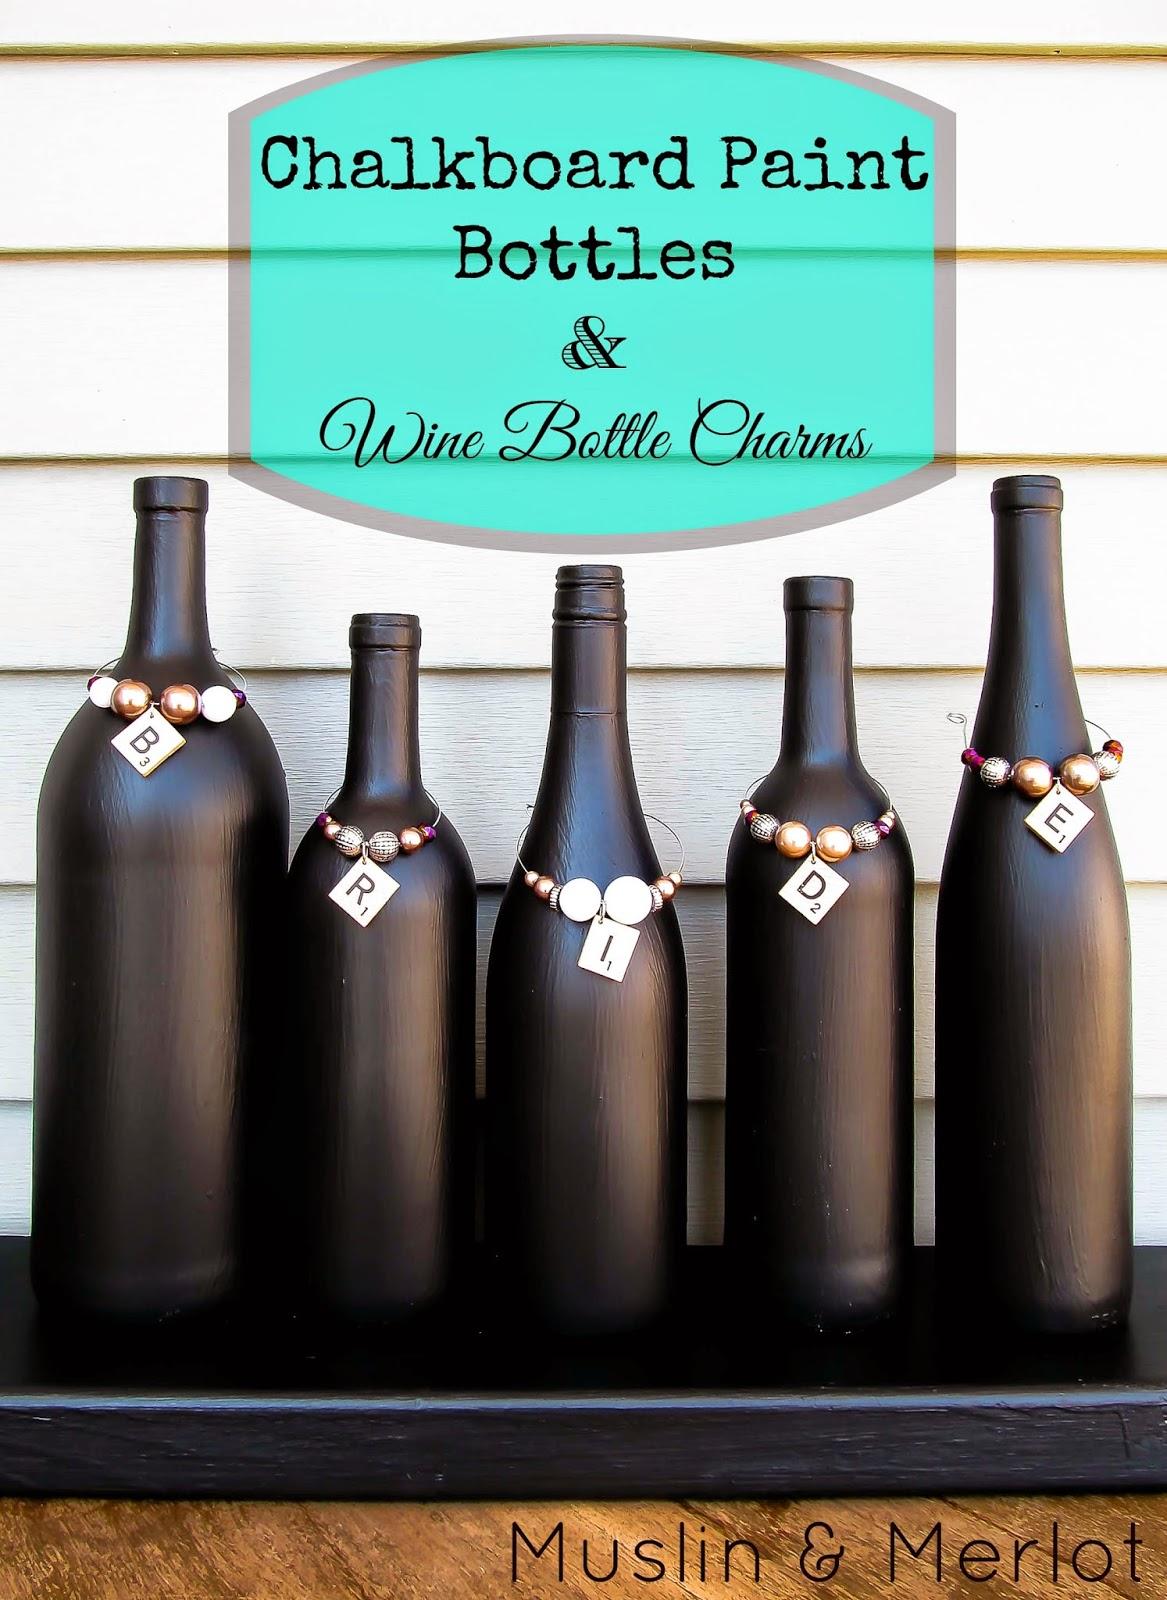 Finest Chalkboard Paint Bottles & Wine Bottle Charms! - Muslin and Merlot YT75